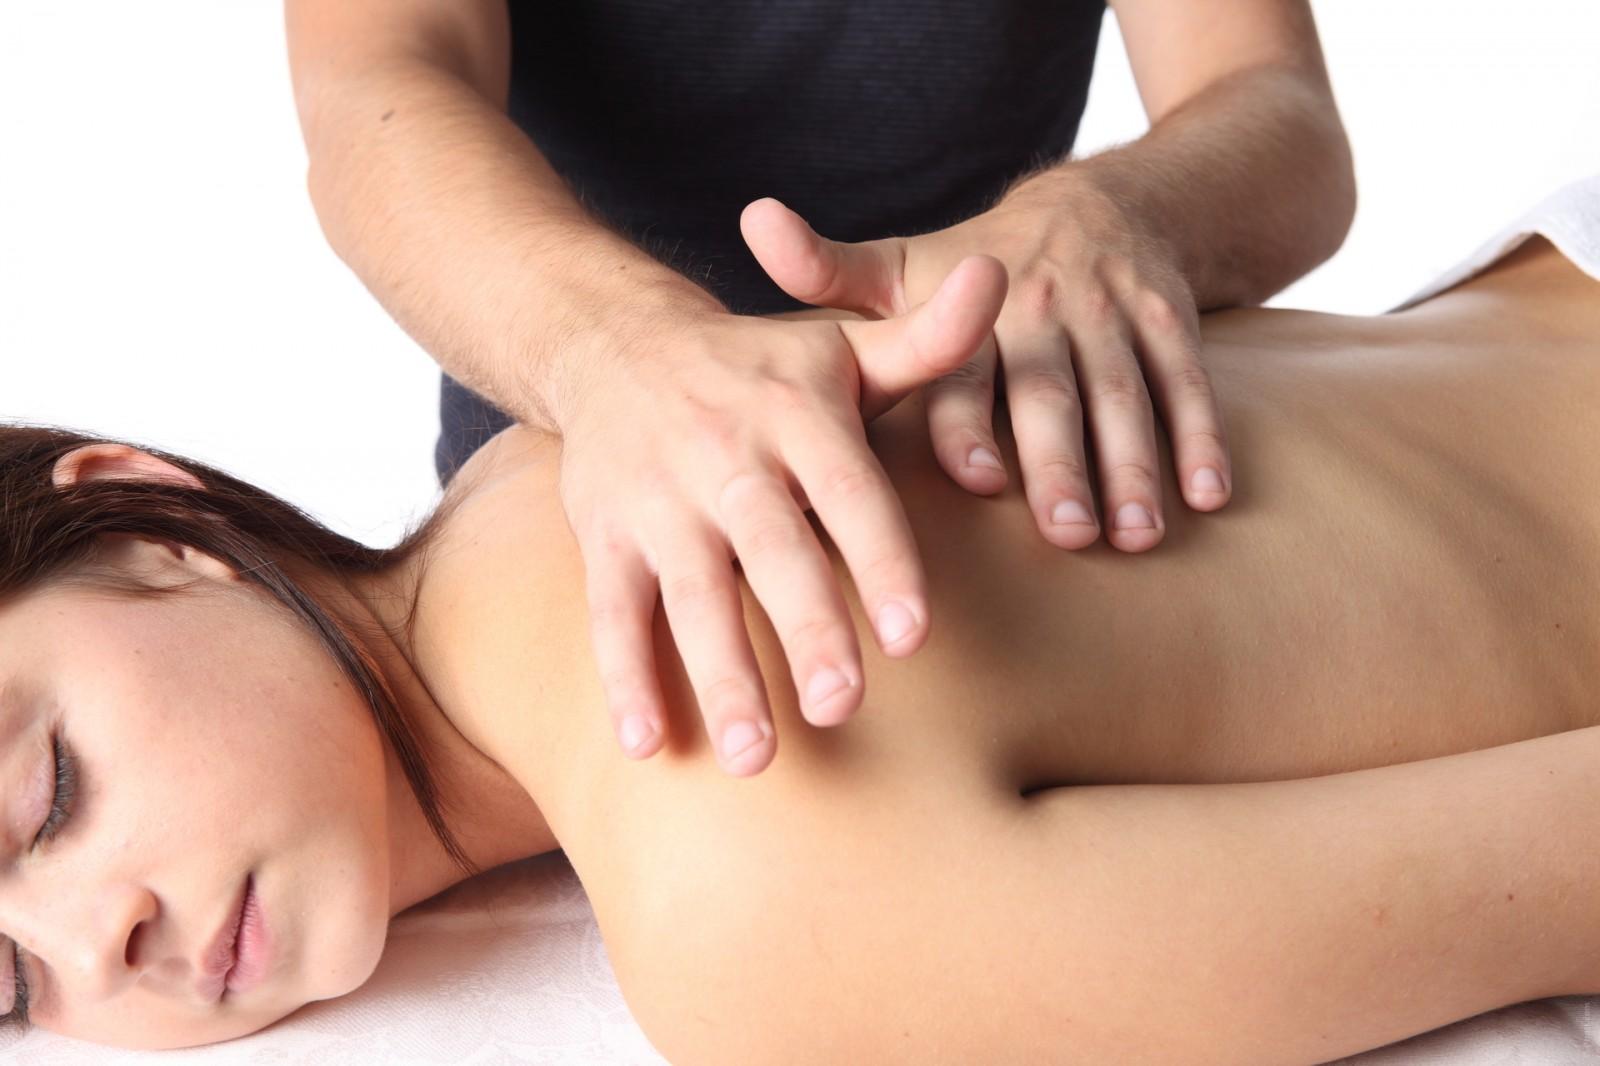 Секс русский с зрелой после массажа, массаж зрелых: смотреть русское порно видео онлайн 13 фотография